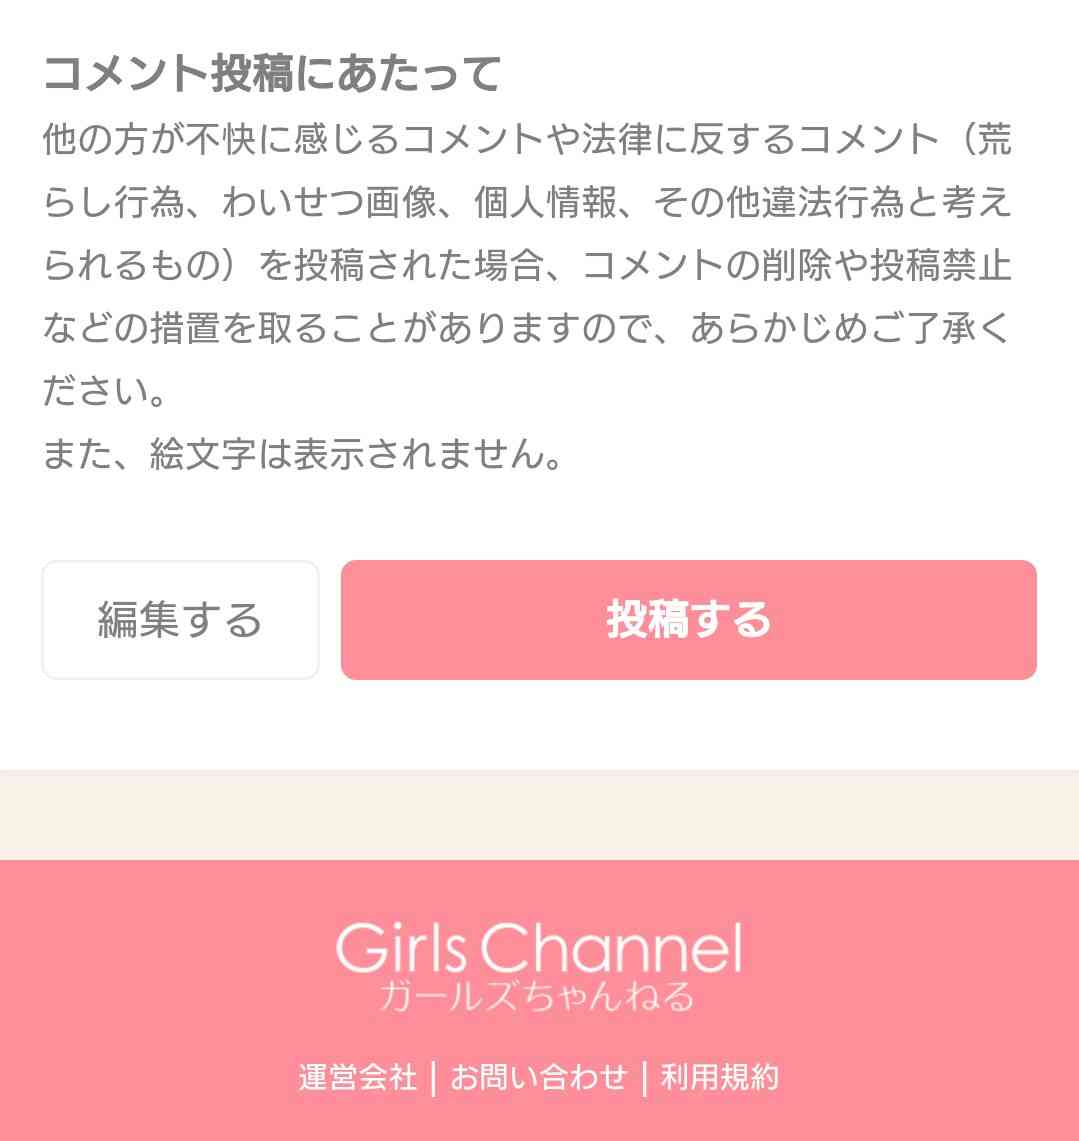 無視している注意書き | ガールズちゃんねる - Girls Channel